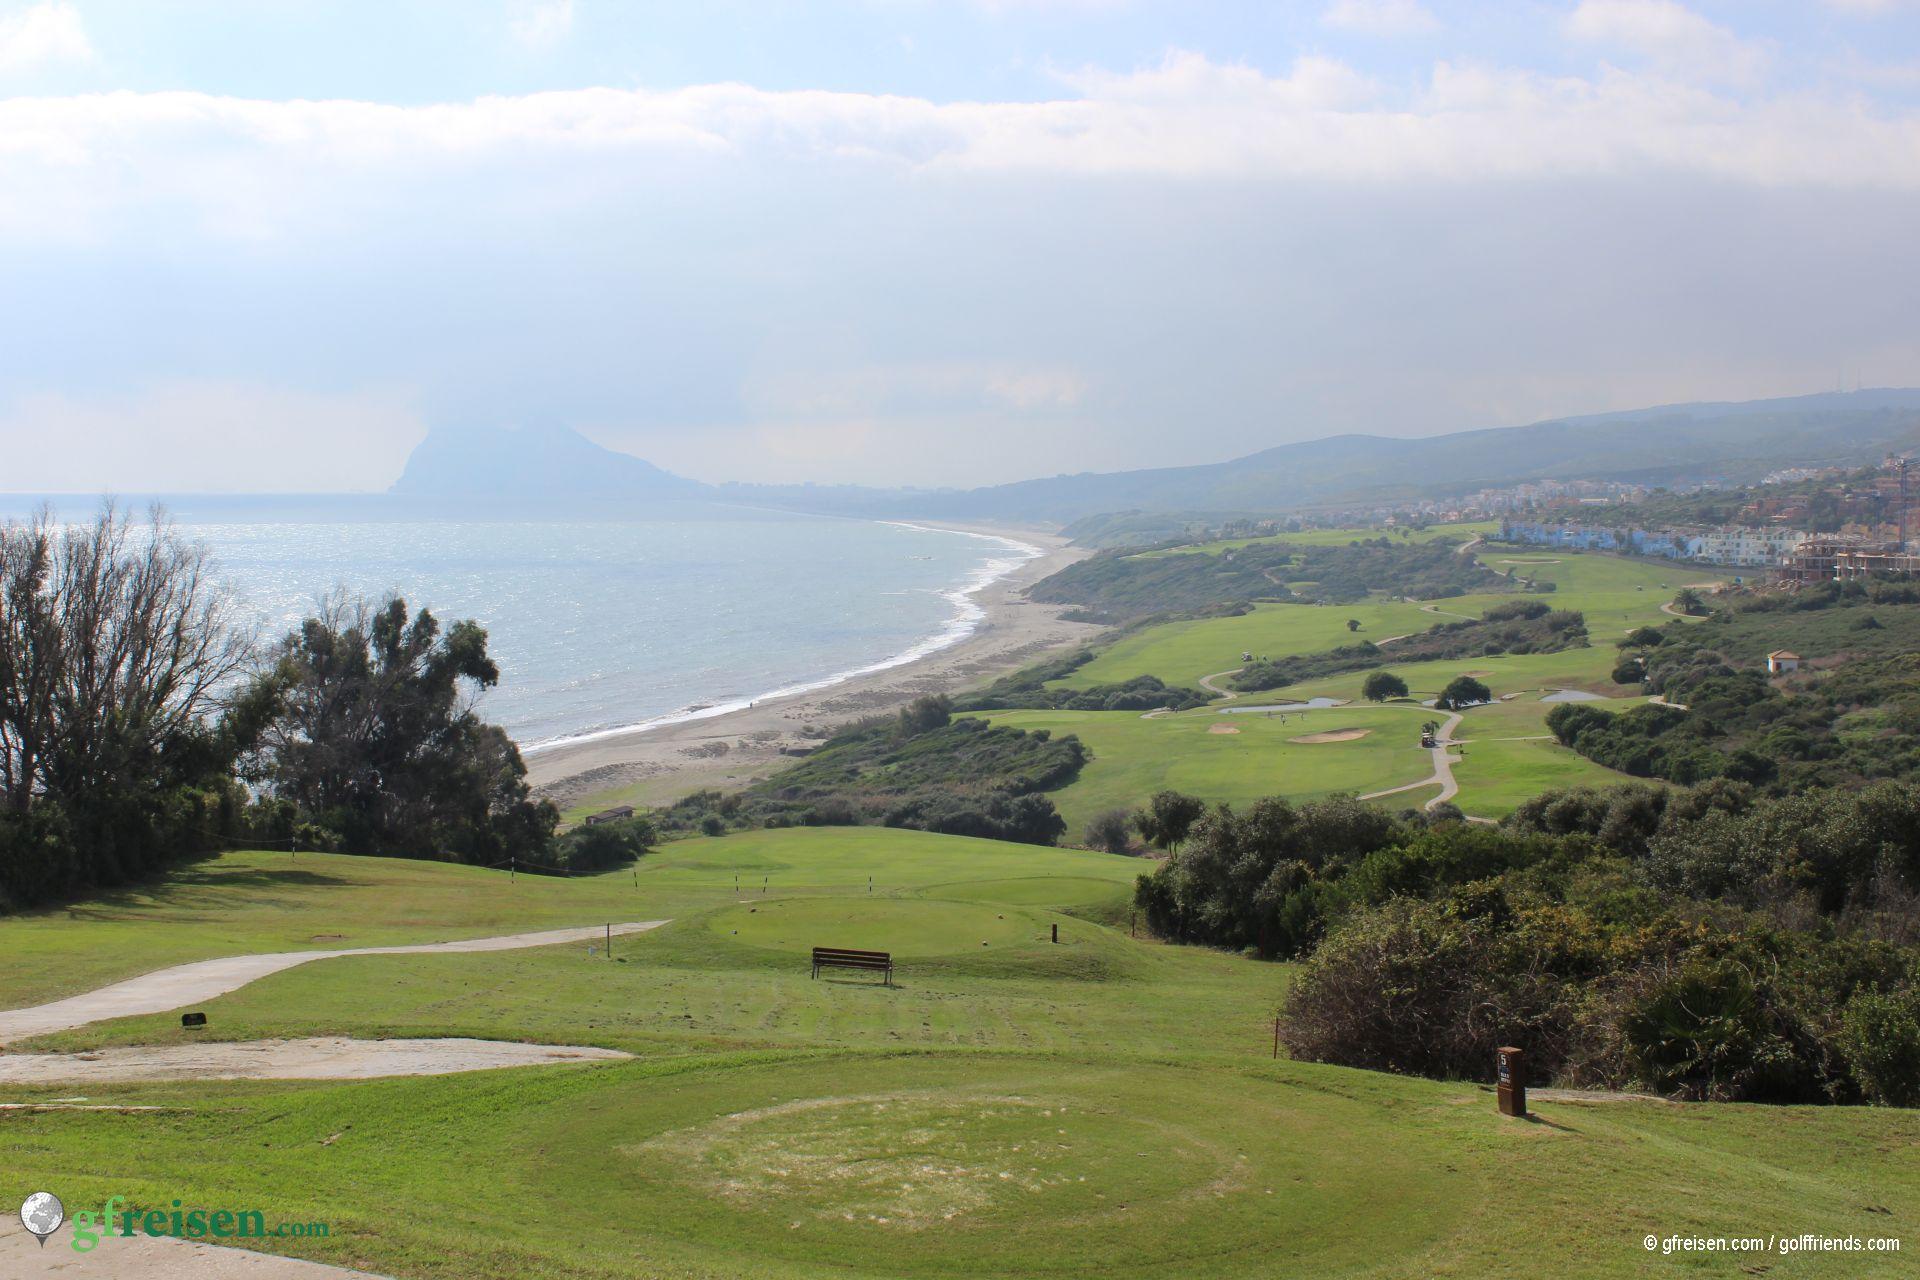 Imposante Bahn mit Blick auf den Berg von Gibraltar